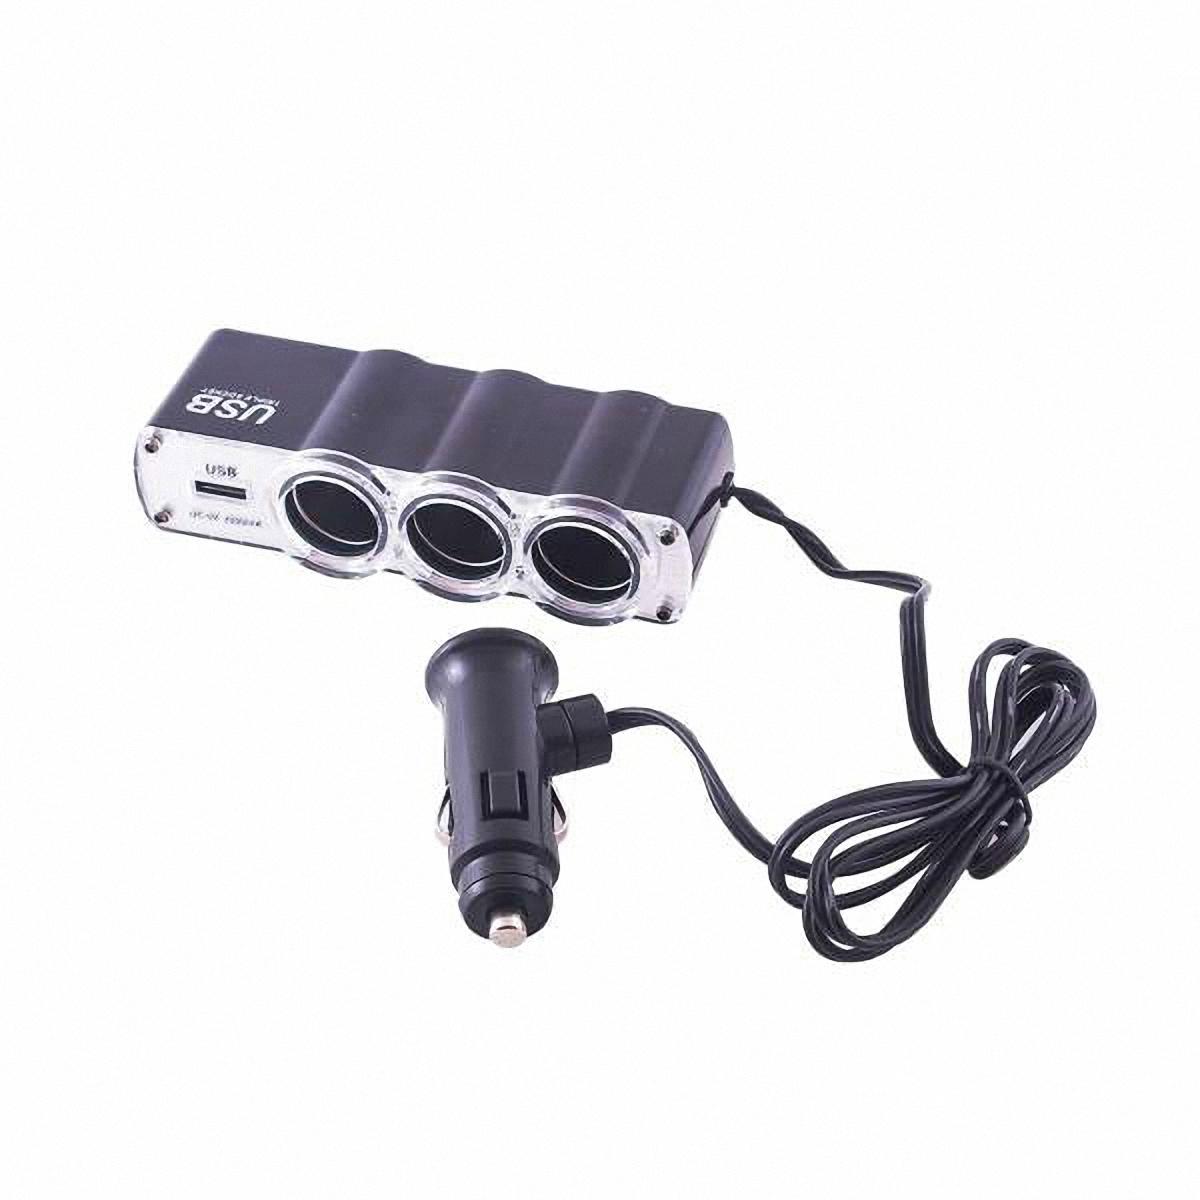 Skyway Разветвитель прикуривателя 3 гнезда + USB. S02301023